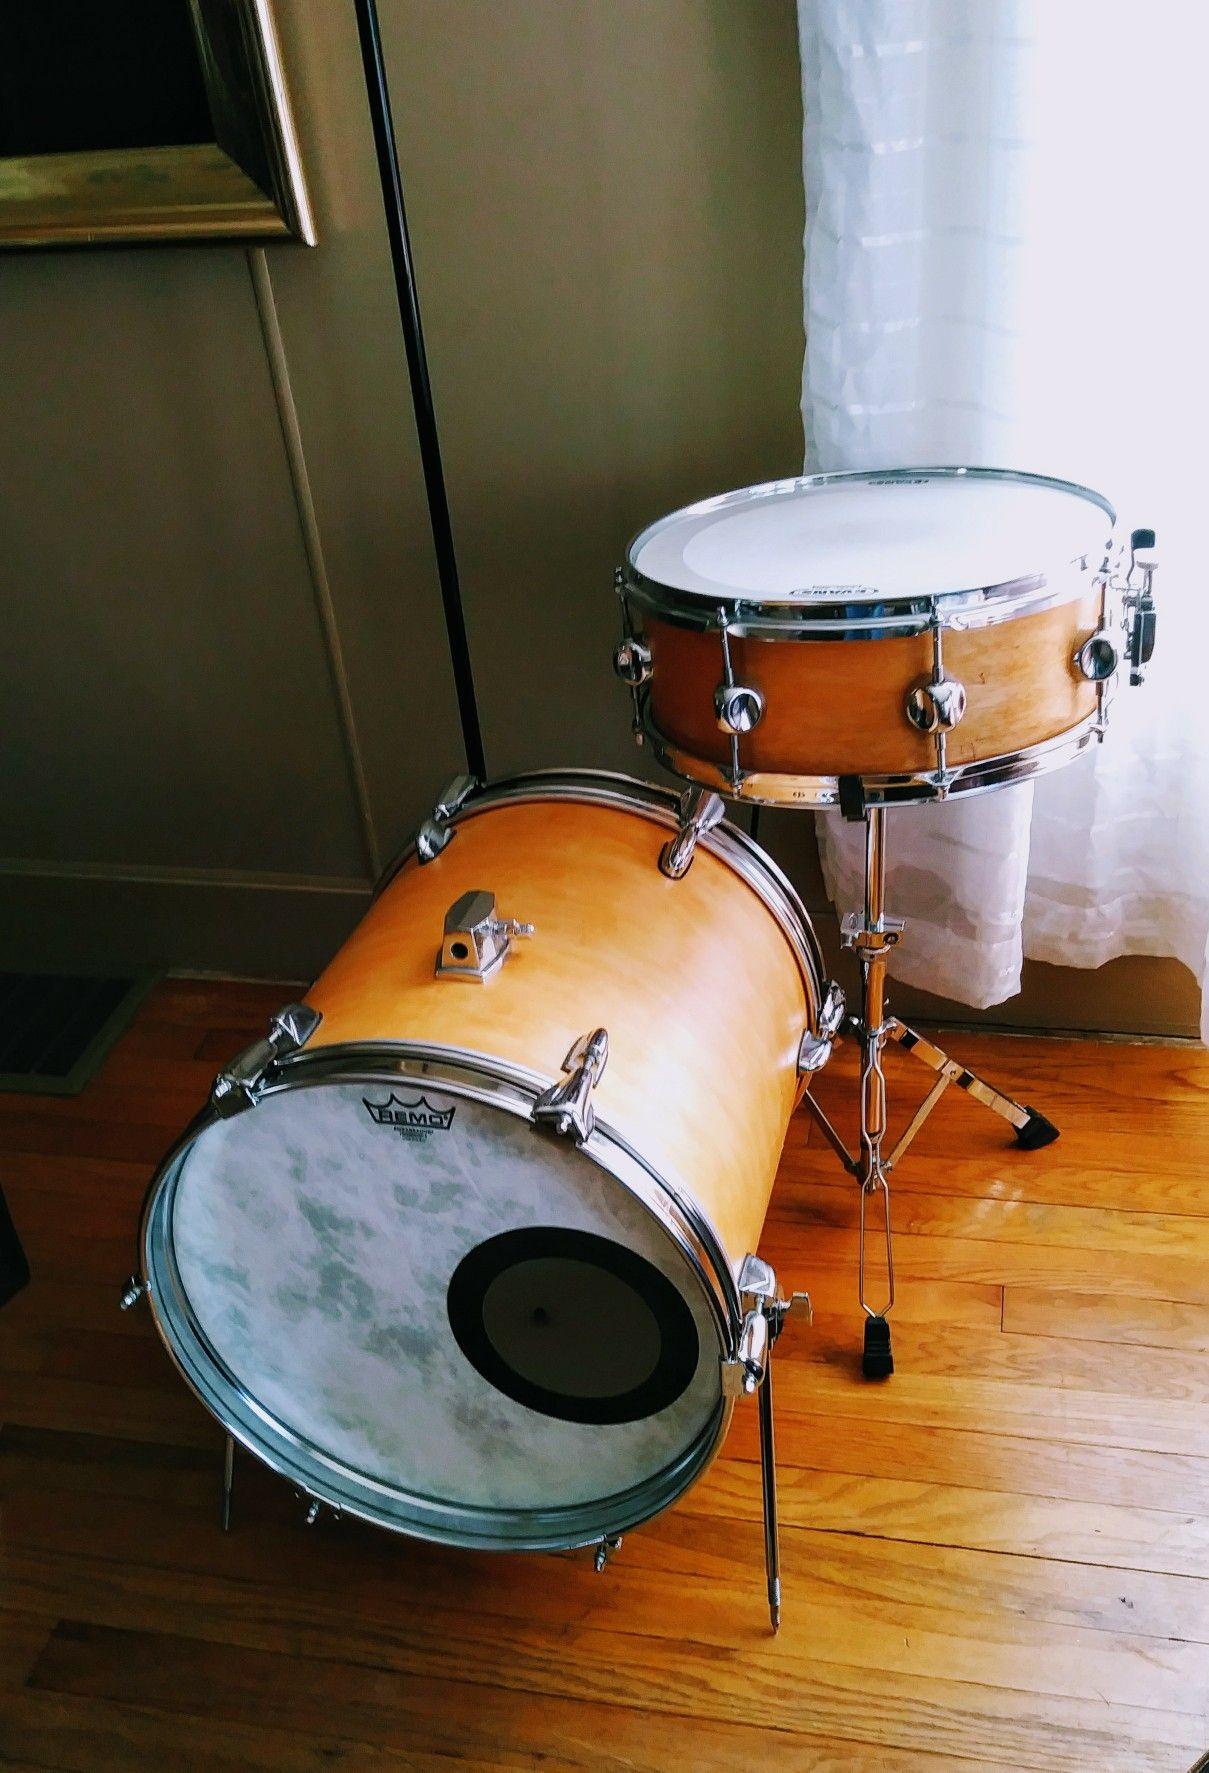 Bateria Musica Porno drum set, minimalist drum set,custom drum set,compact drum